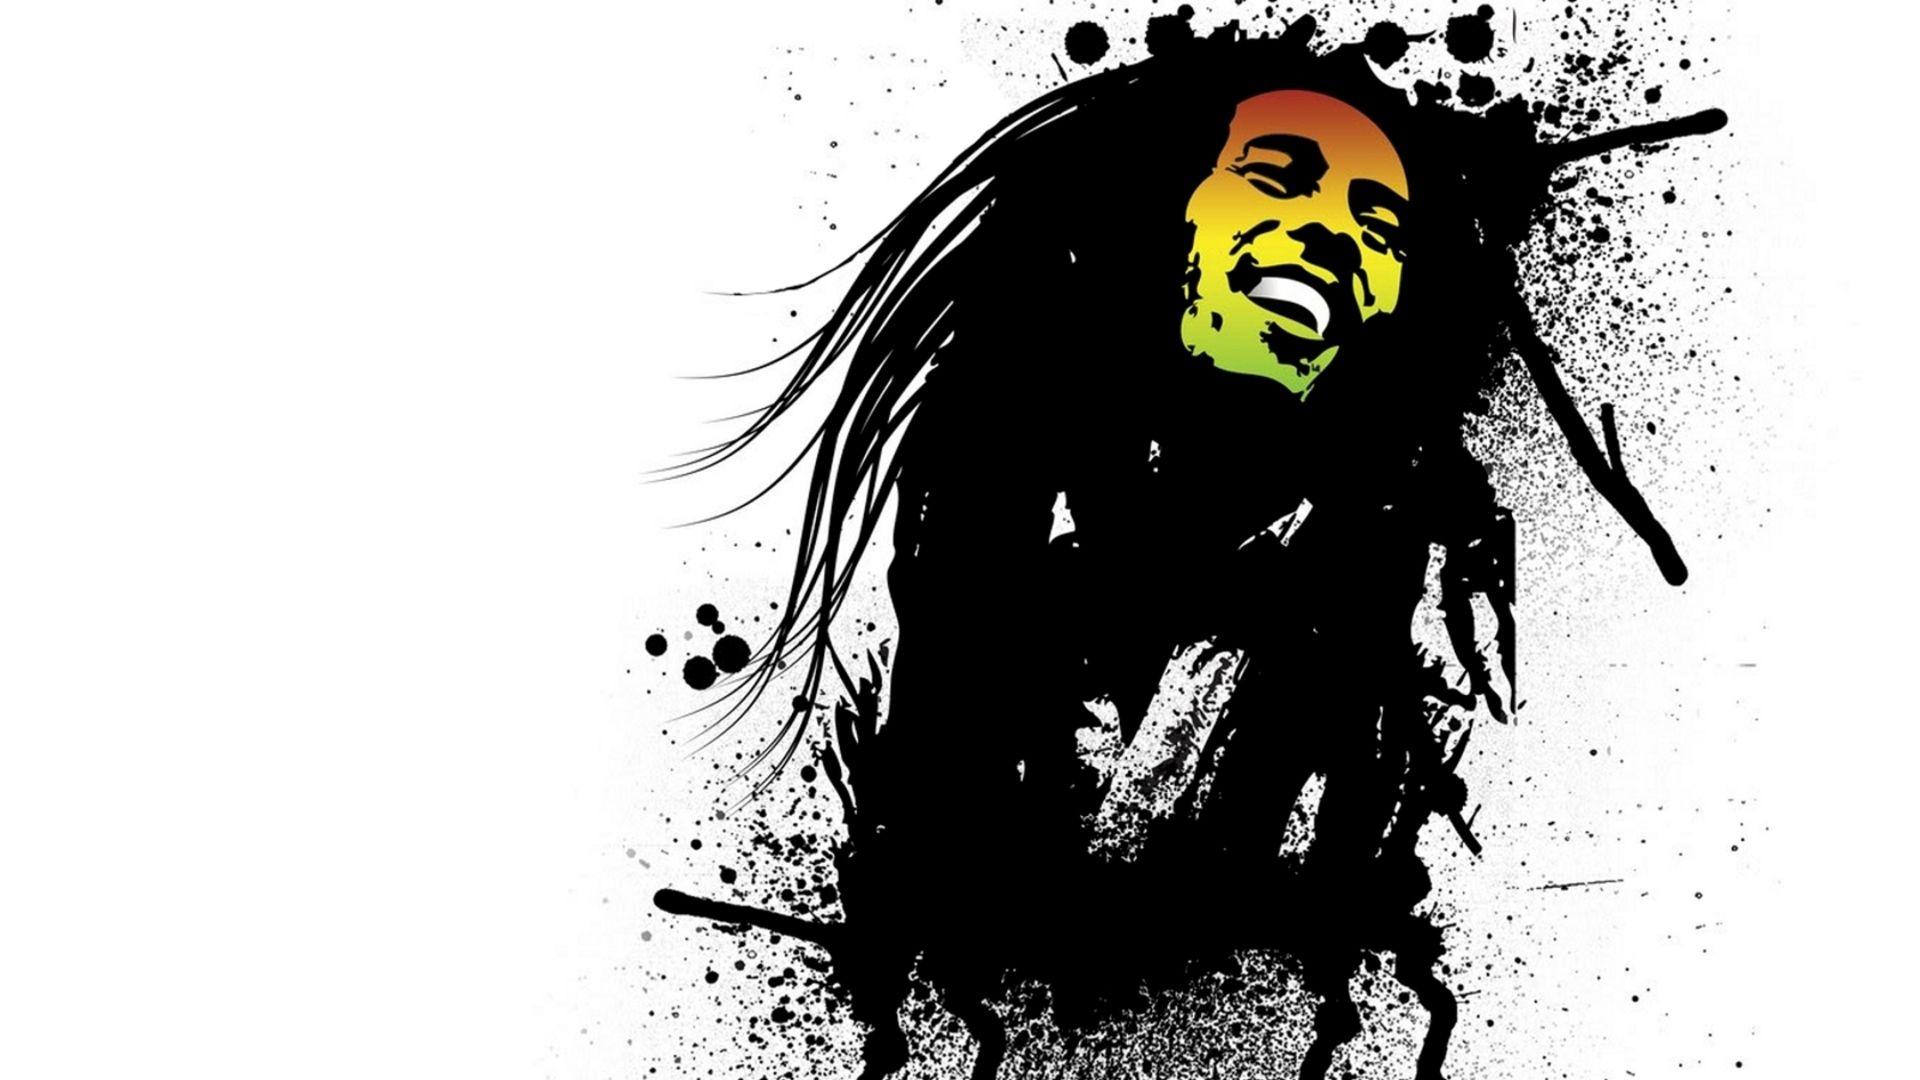 Pin By Hafedh Baccouri On Endroits A Visiter Bob Marley Art Bob Marley Bob Marley Colors